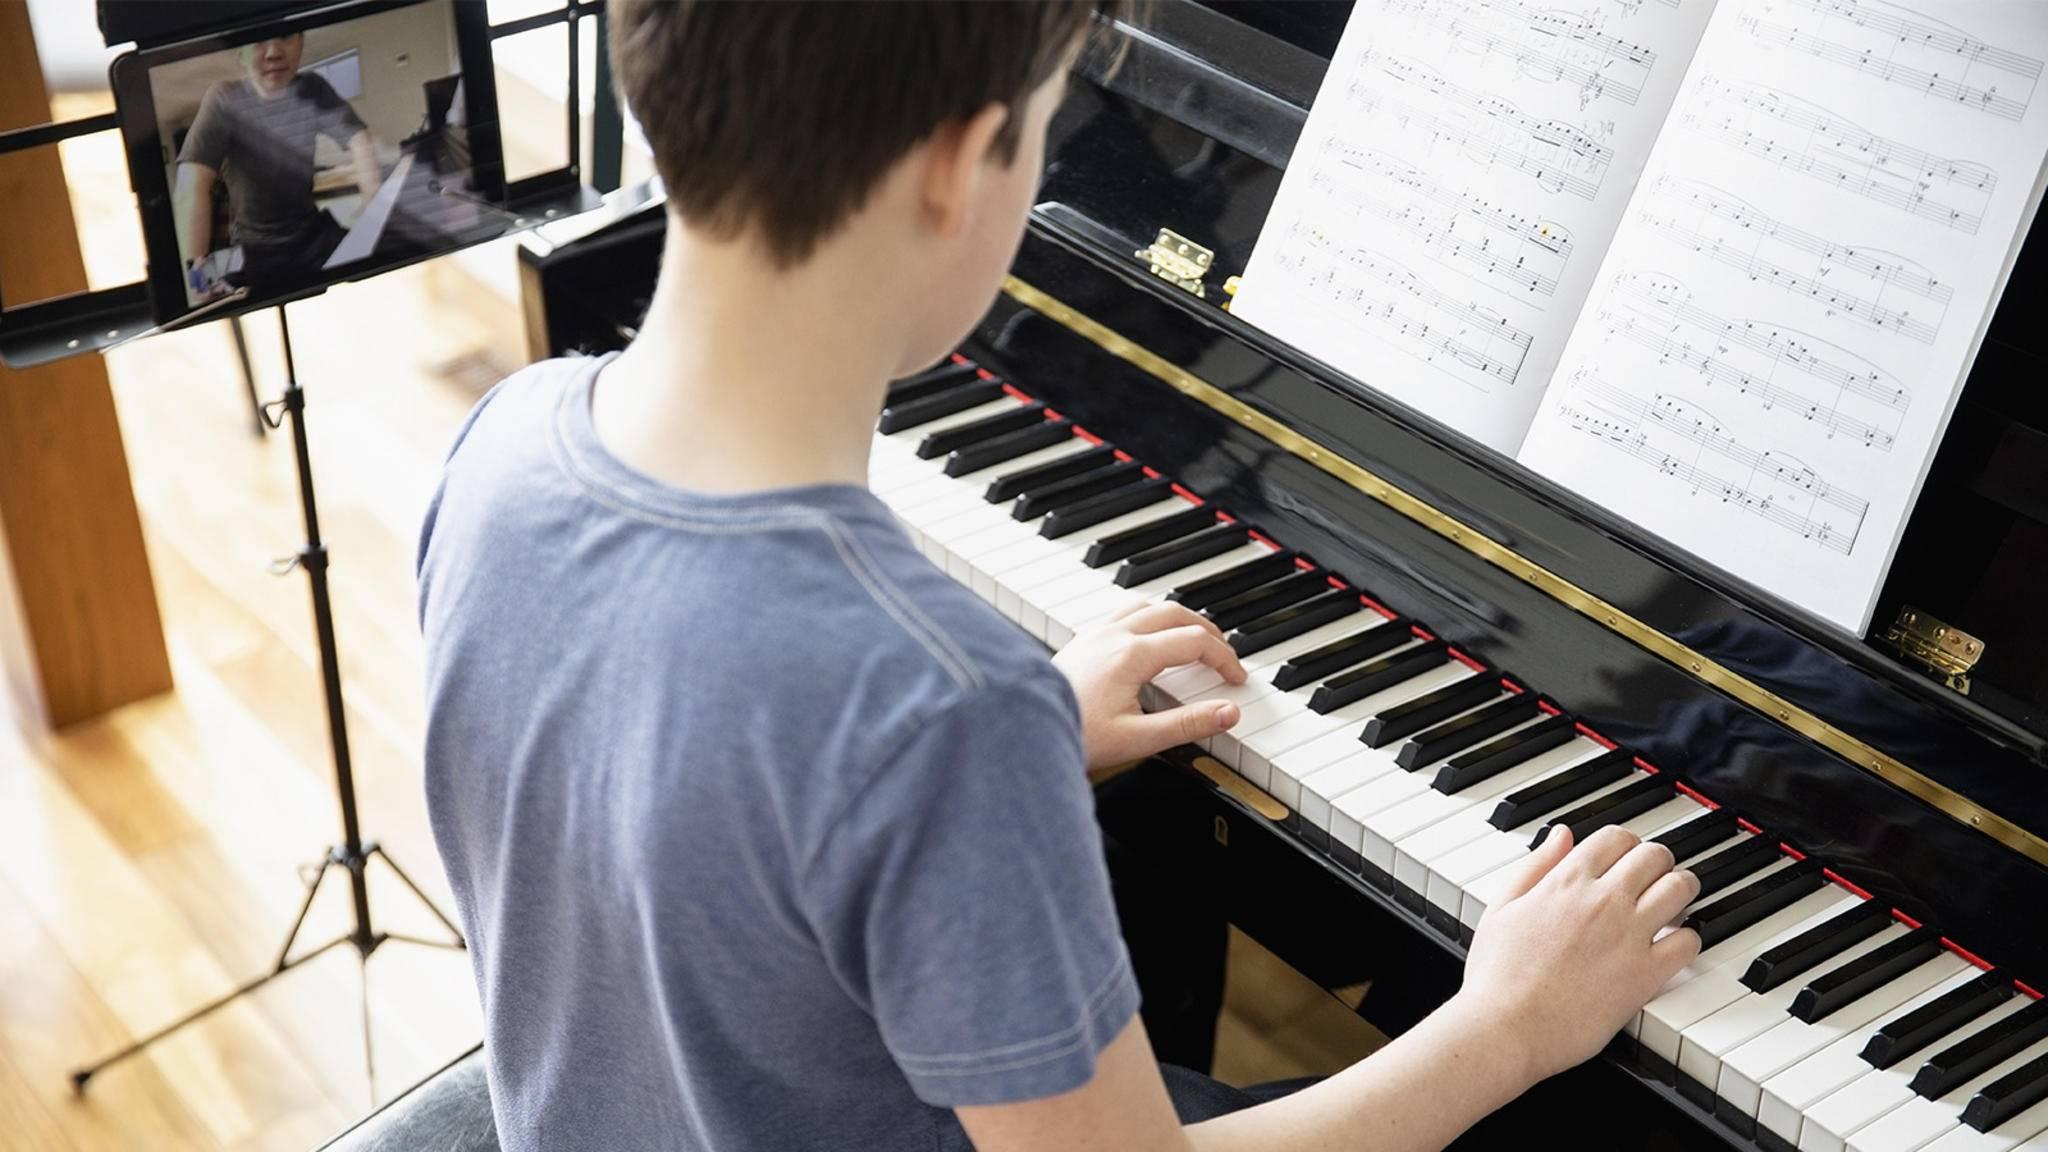 Kind lernt Klavier online mit Tablet